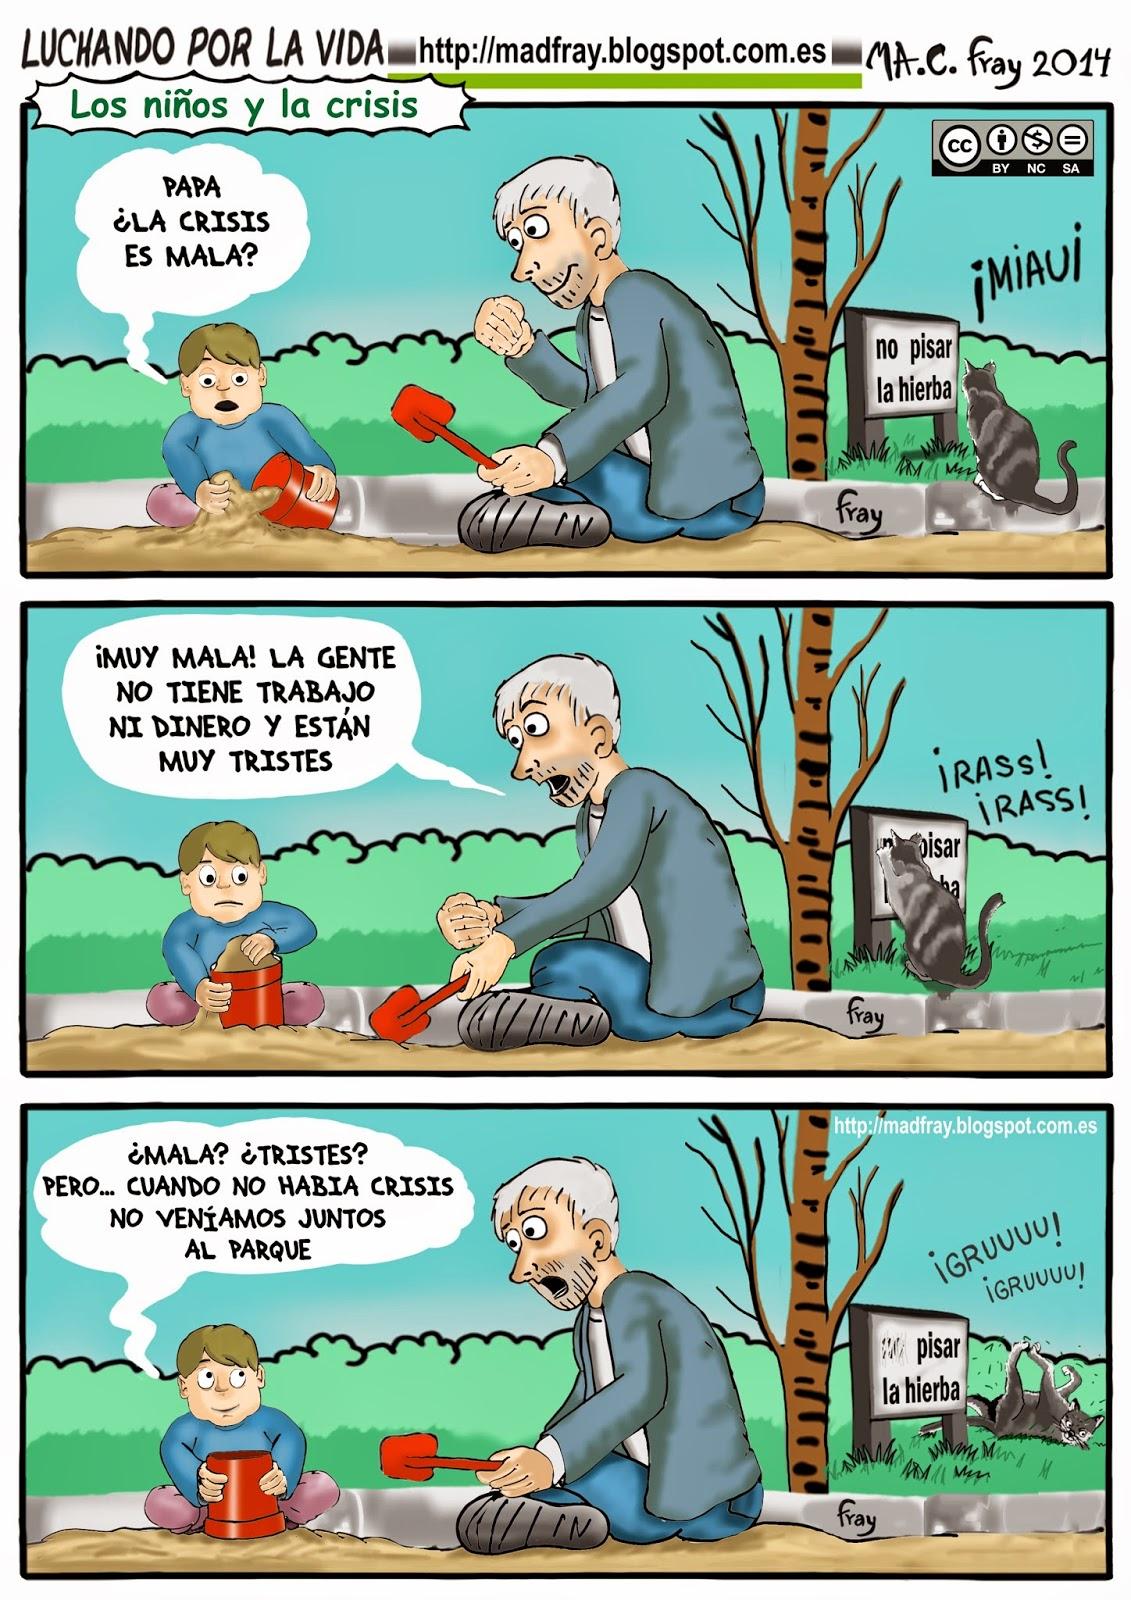 Viñeta humor ironía: ¿Papa la crisis es mala? Los niños se dan cuenta de todo, interpretan las cosas en función de cómo ha cambiado su vida cotidiana,  Mad Fray